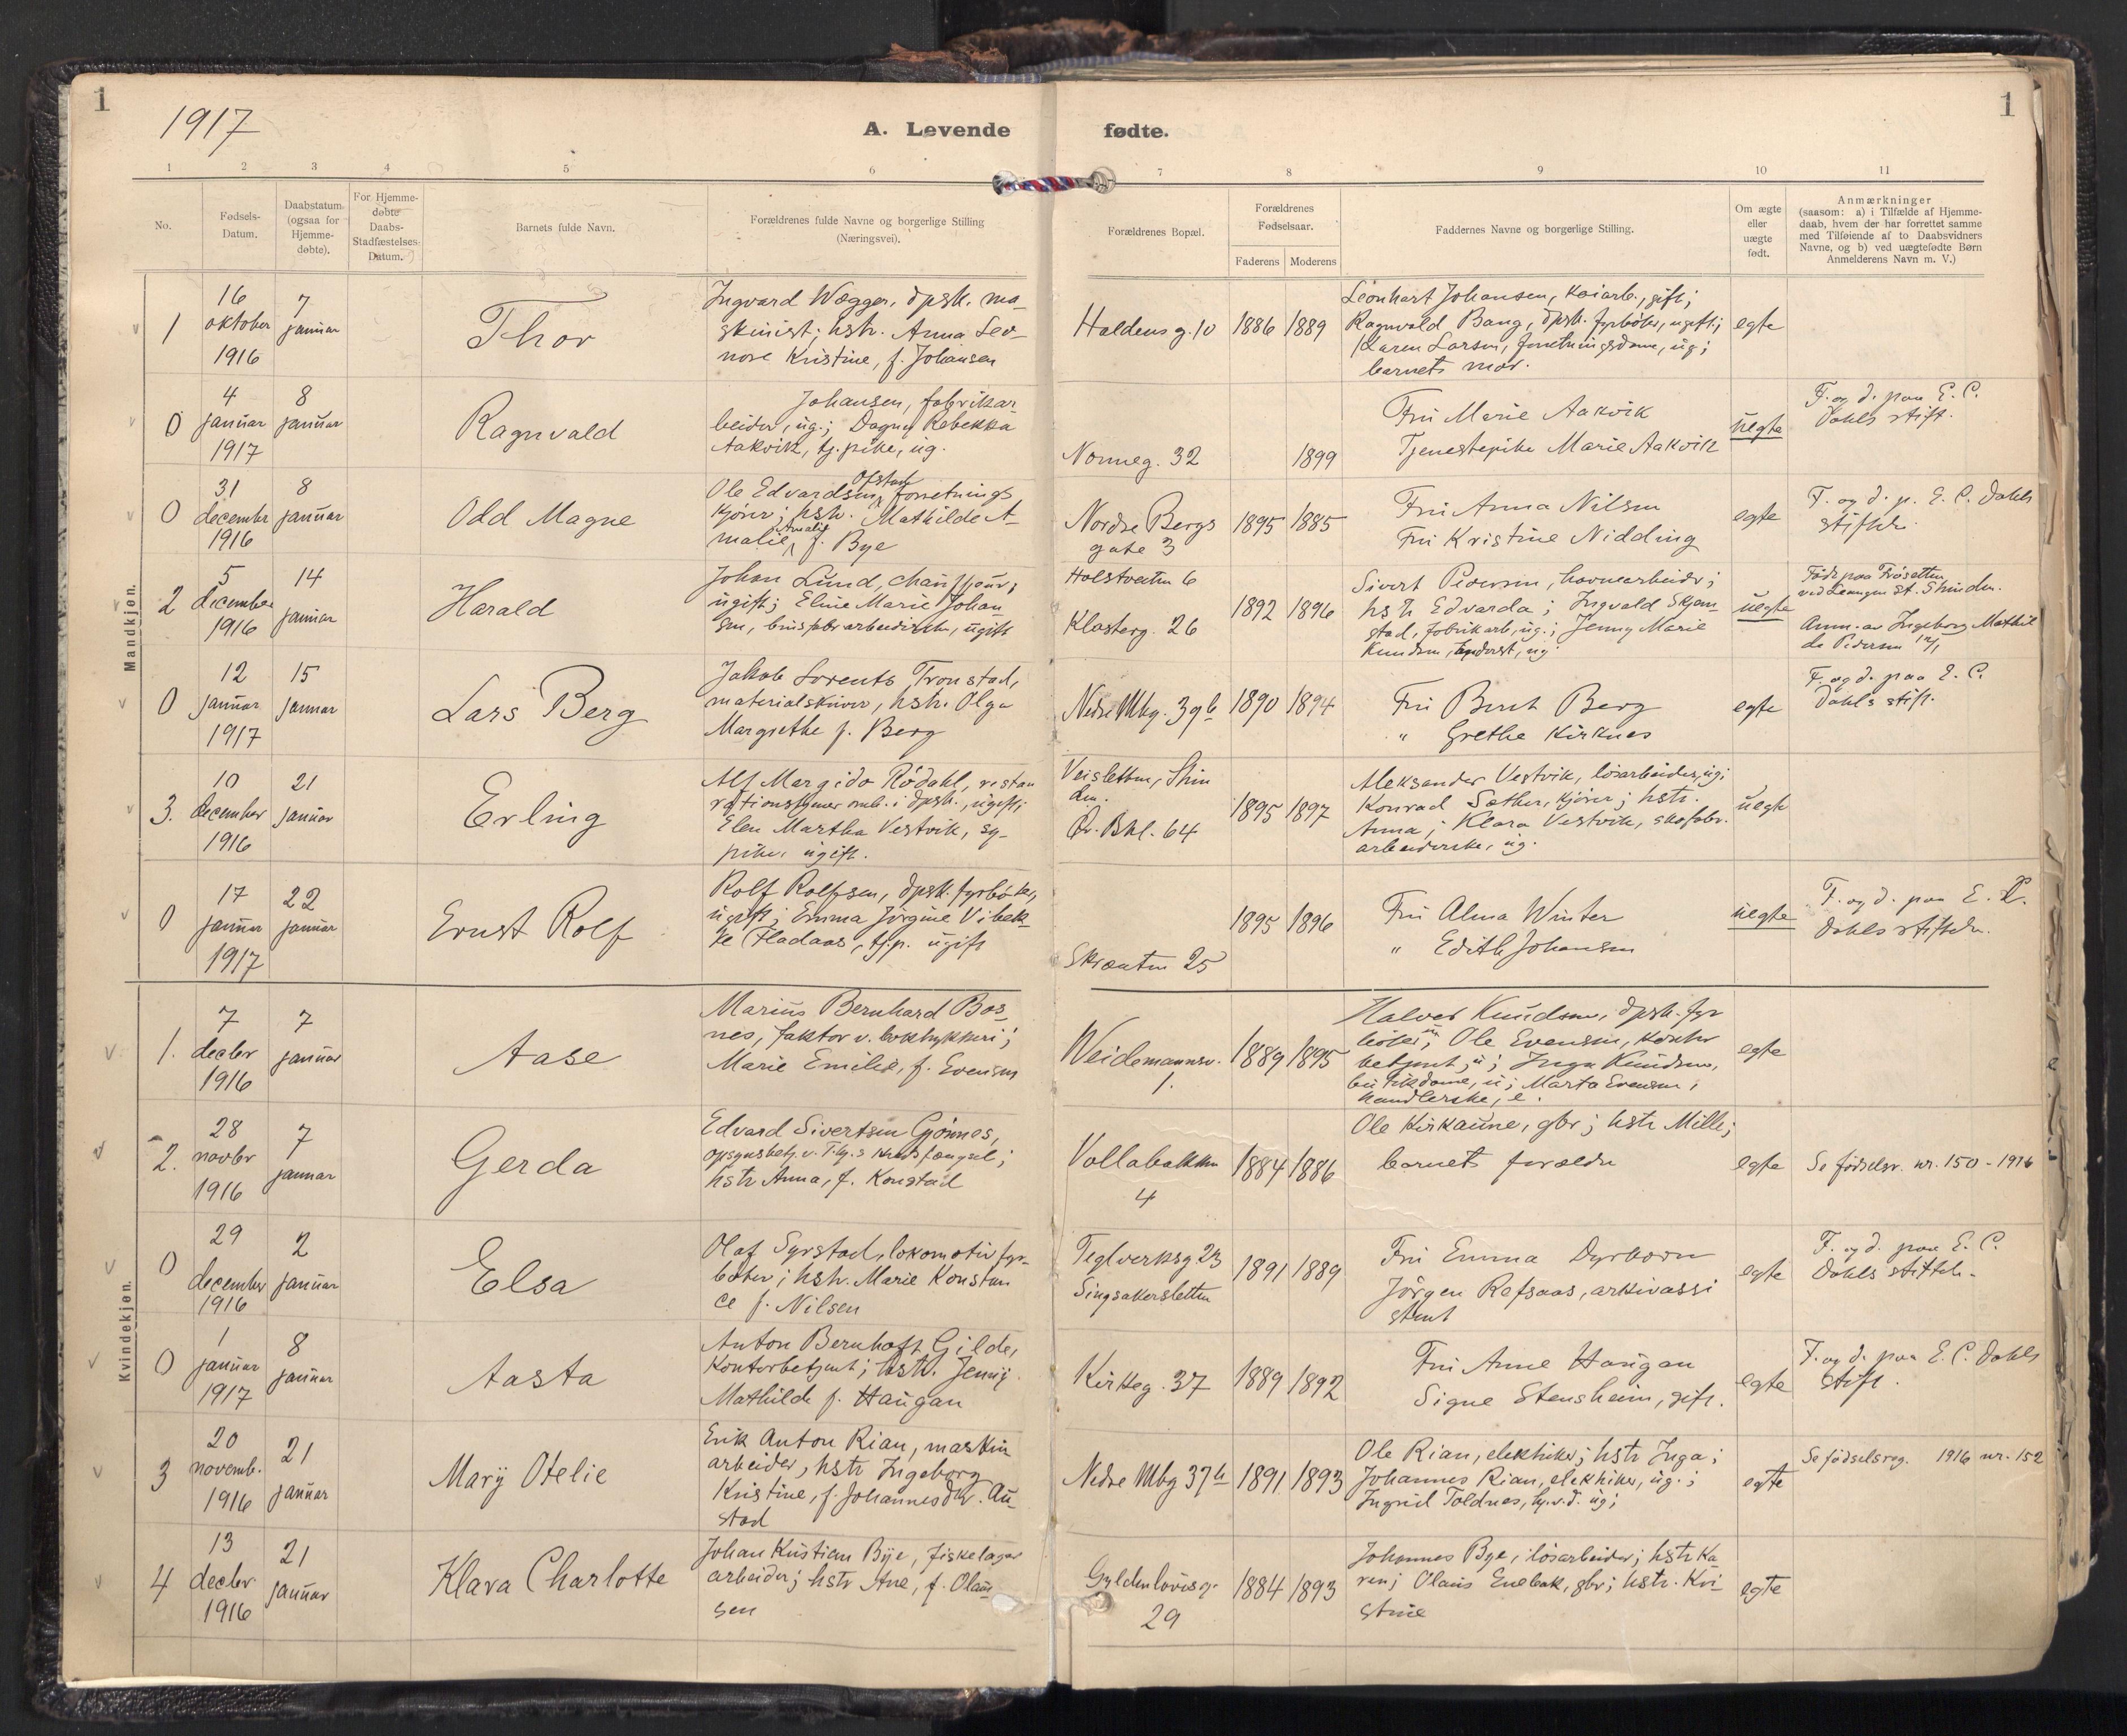 SAT, Ministerialprotokoller, klokkerbøker og fødselsregistre - Sør-Trøndelag, 604/L0205: Ministerialbok nr. 604A25, 1917-1932, s. 1